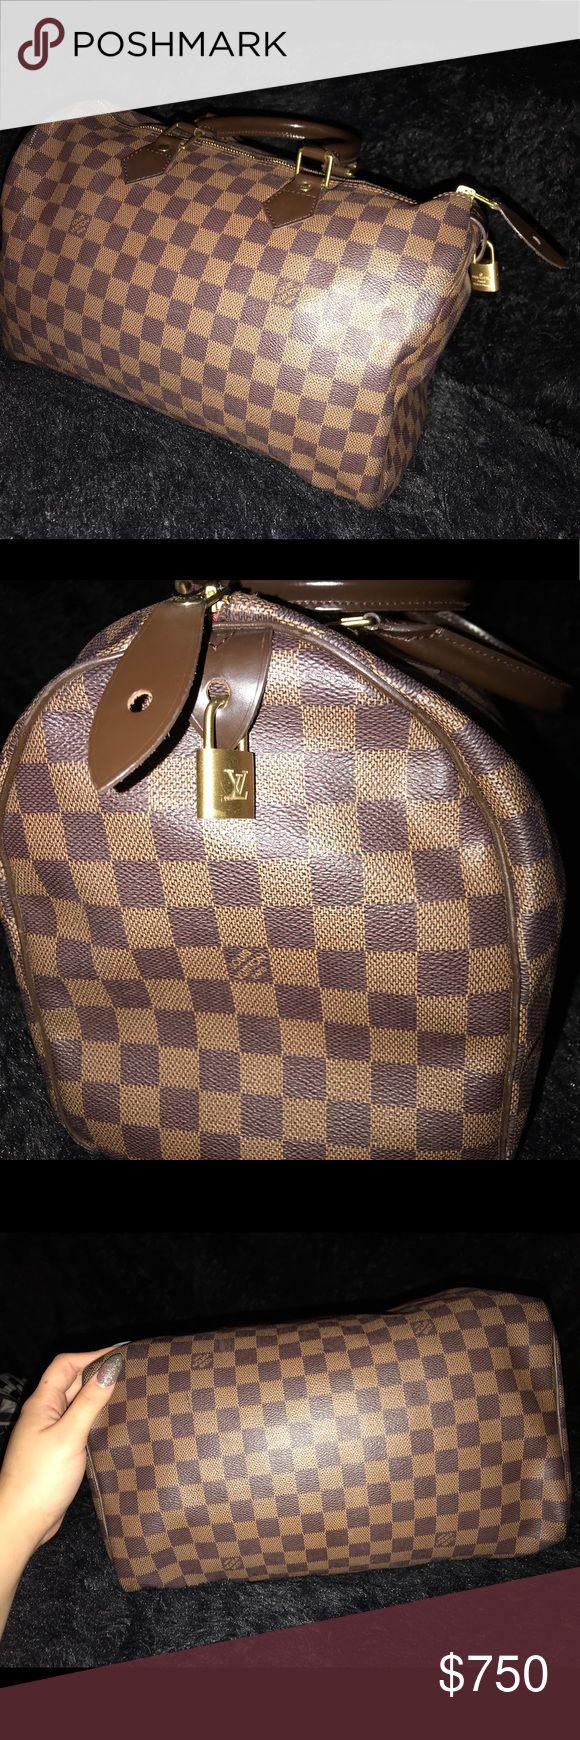 Louis Vuitton Boston Bag | eBay